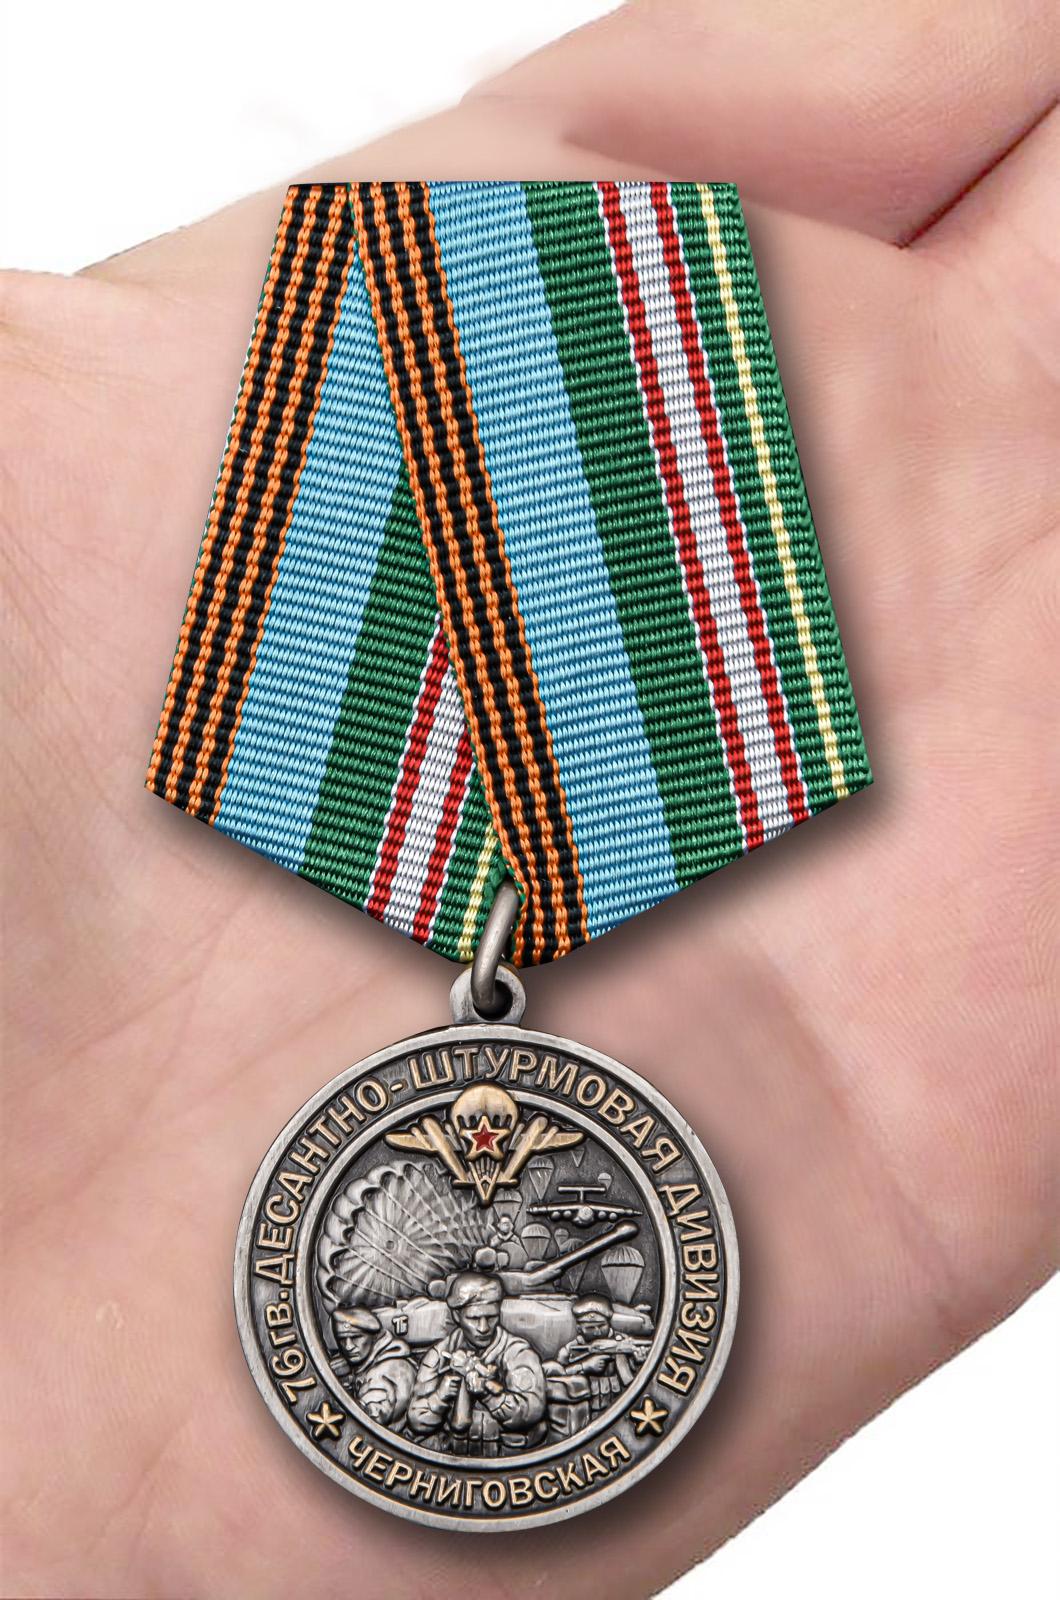 Медаль 76-я гв. Десантно-штурмовая дивизия - вид на ладони